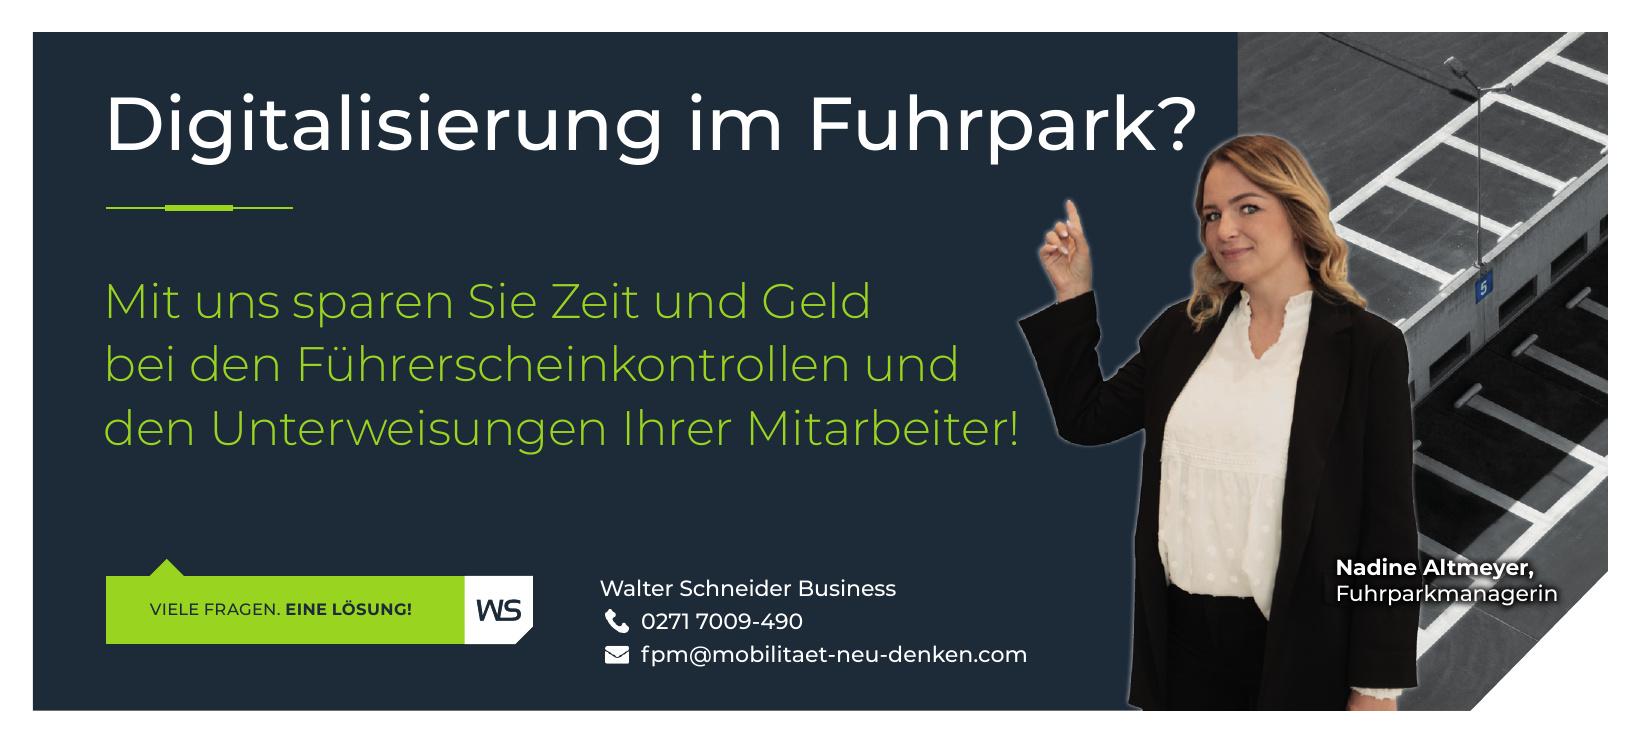 Walter Schneider Business